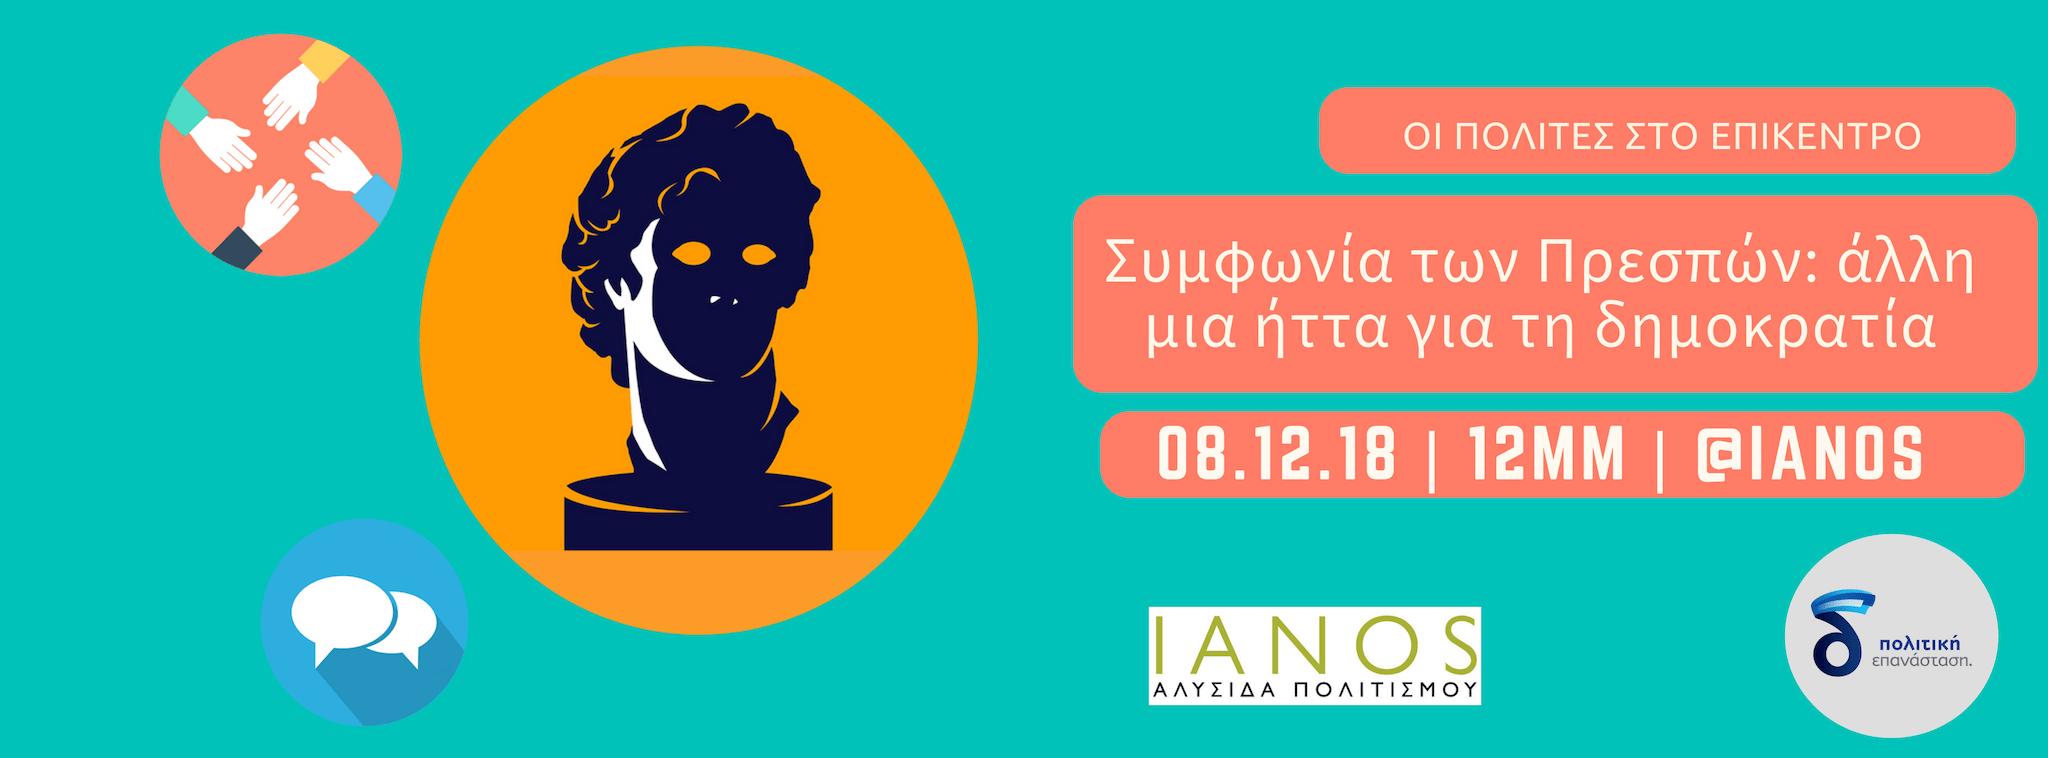 """Εκδήλωση του δέλτα στη Θεσσαλονίκη τις 8 Δεκεμβρίου 2018 με θέμα: """"Συμφωνία των Πρεσπών: Άλλη μια ήττα για τη δημοκρατία"""""""